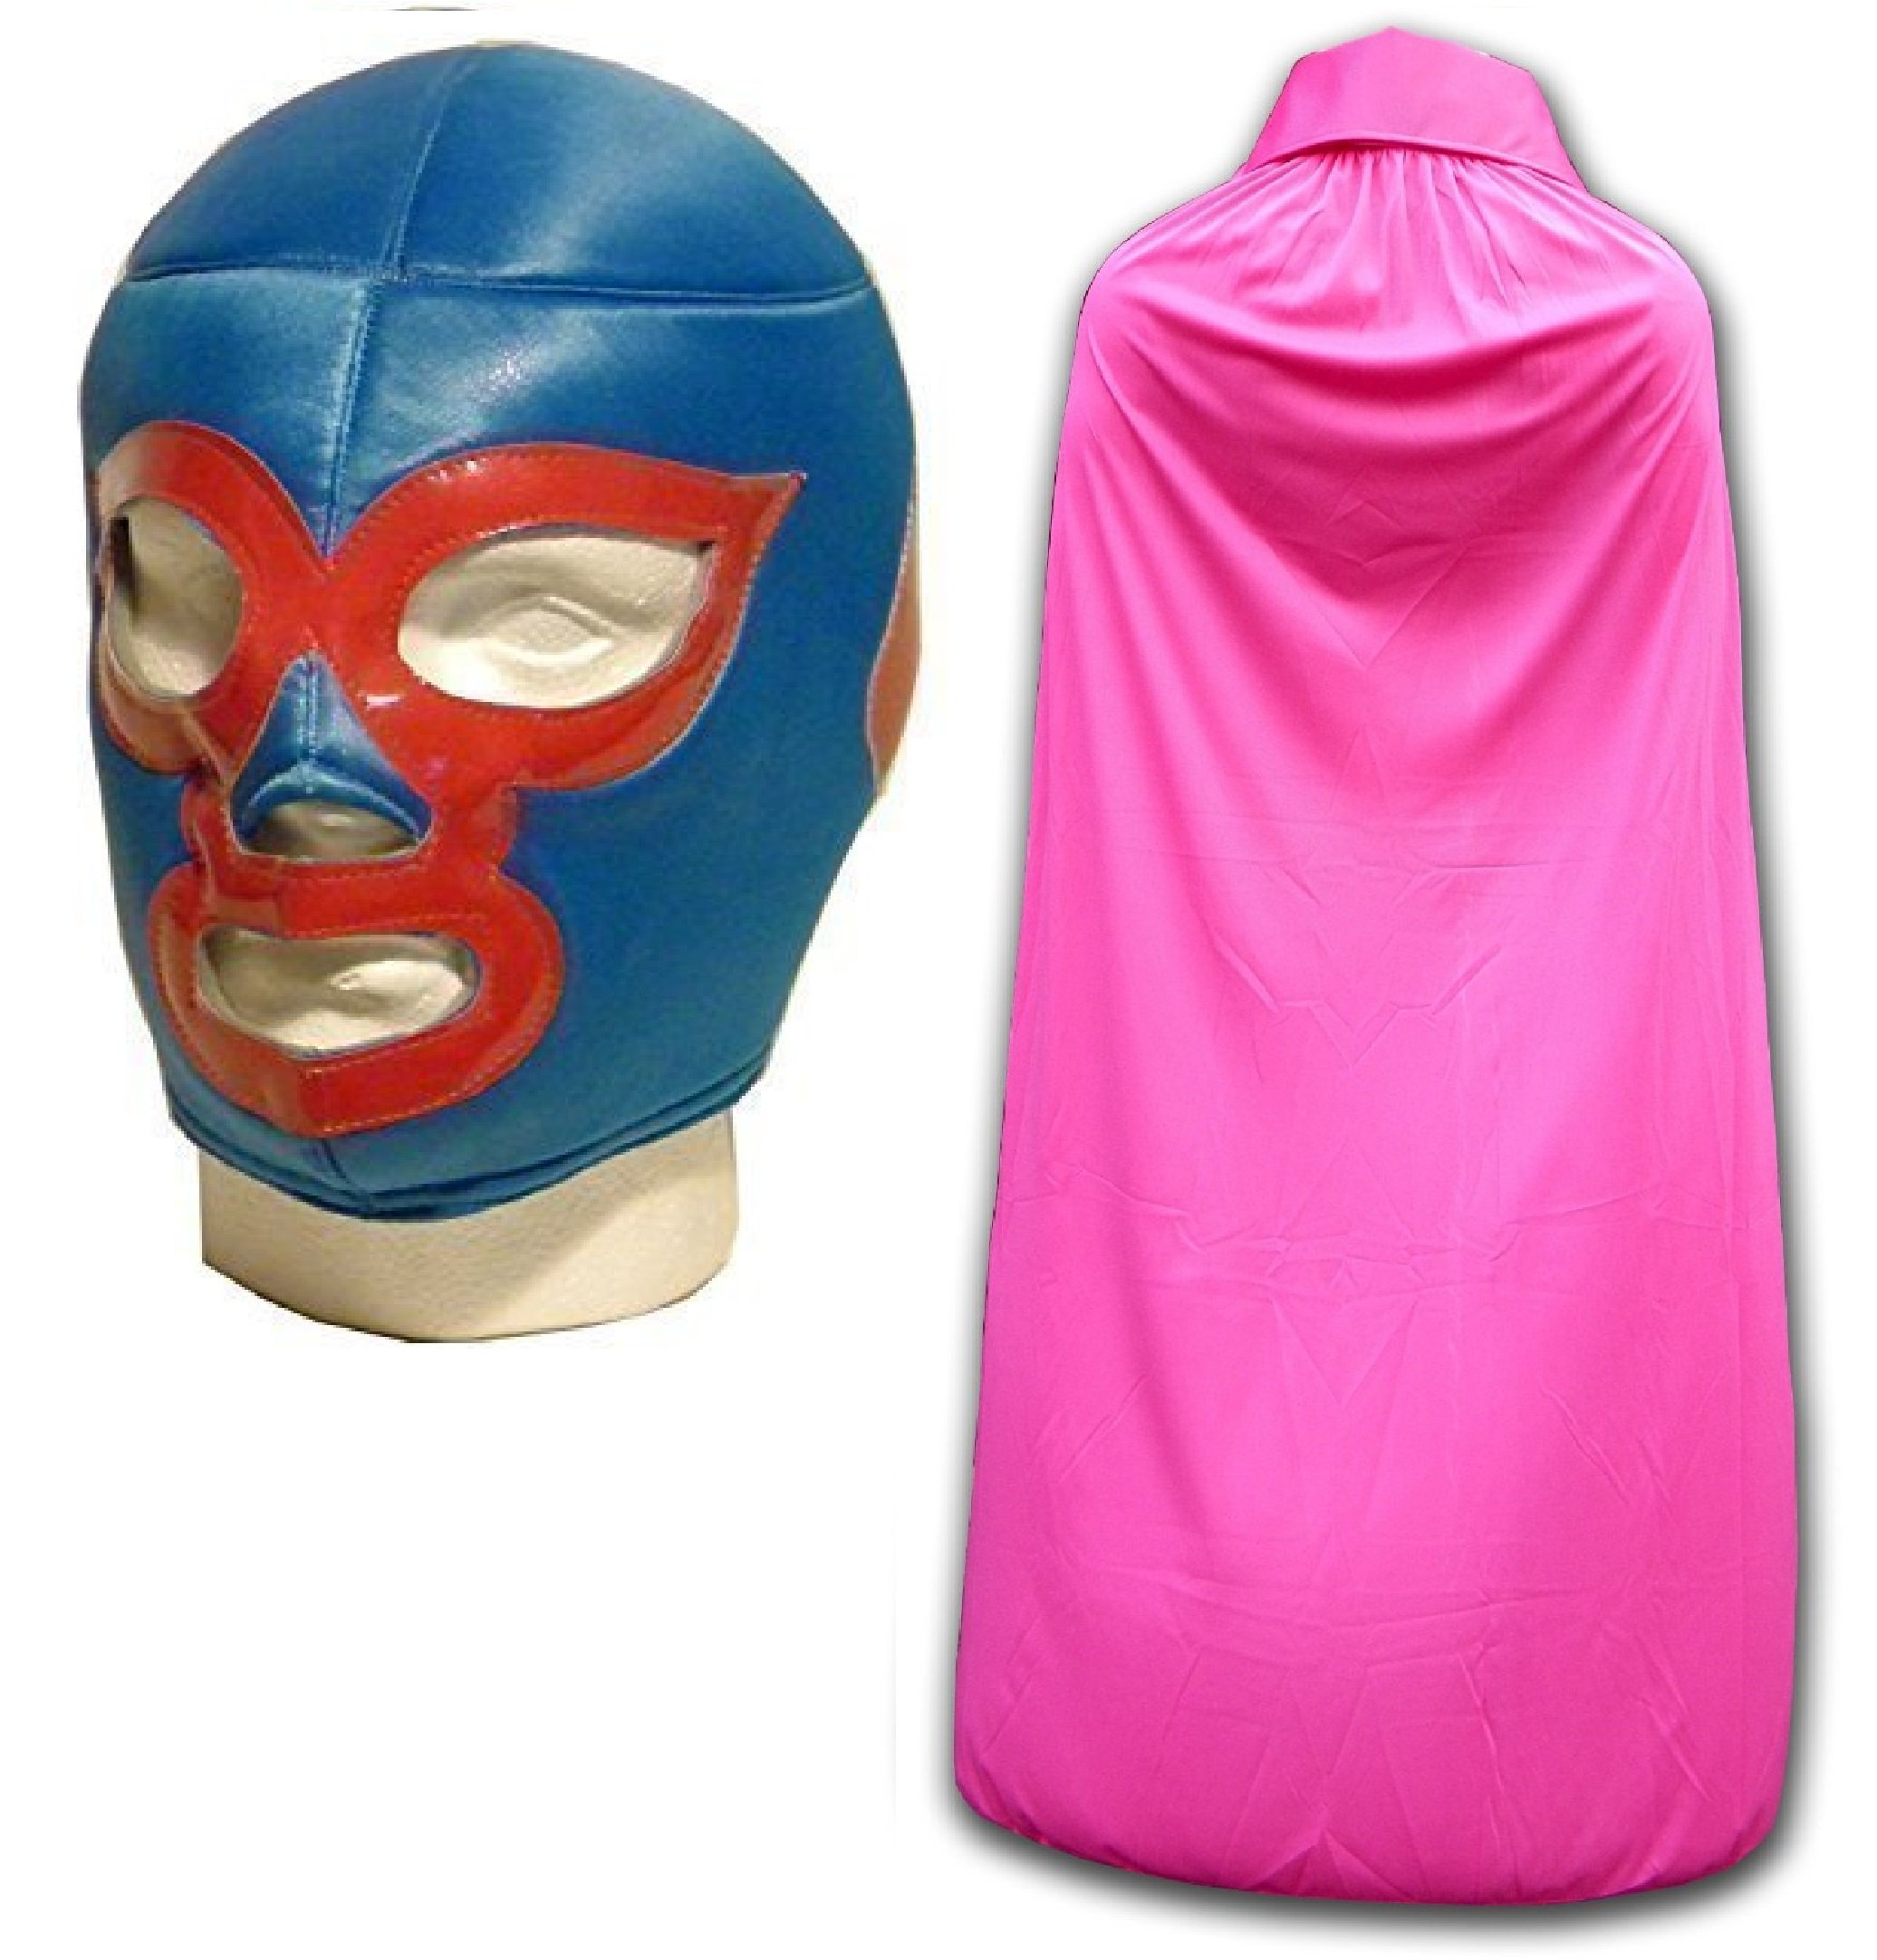 WRESTLING MASKS UK Men's Nacho Libre Luchador Wrestling Mask With Cape One Size Pink by Wrestling